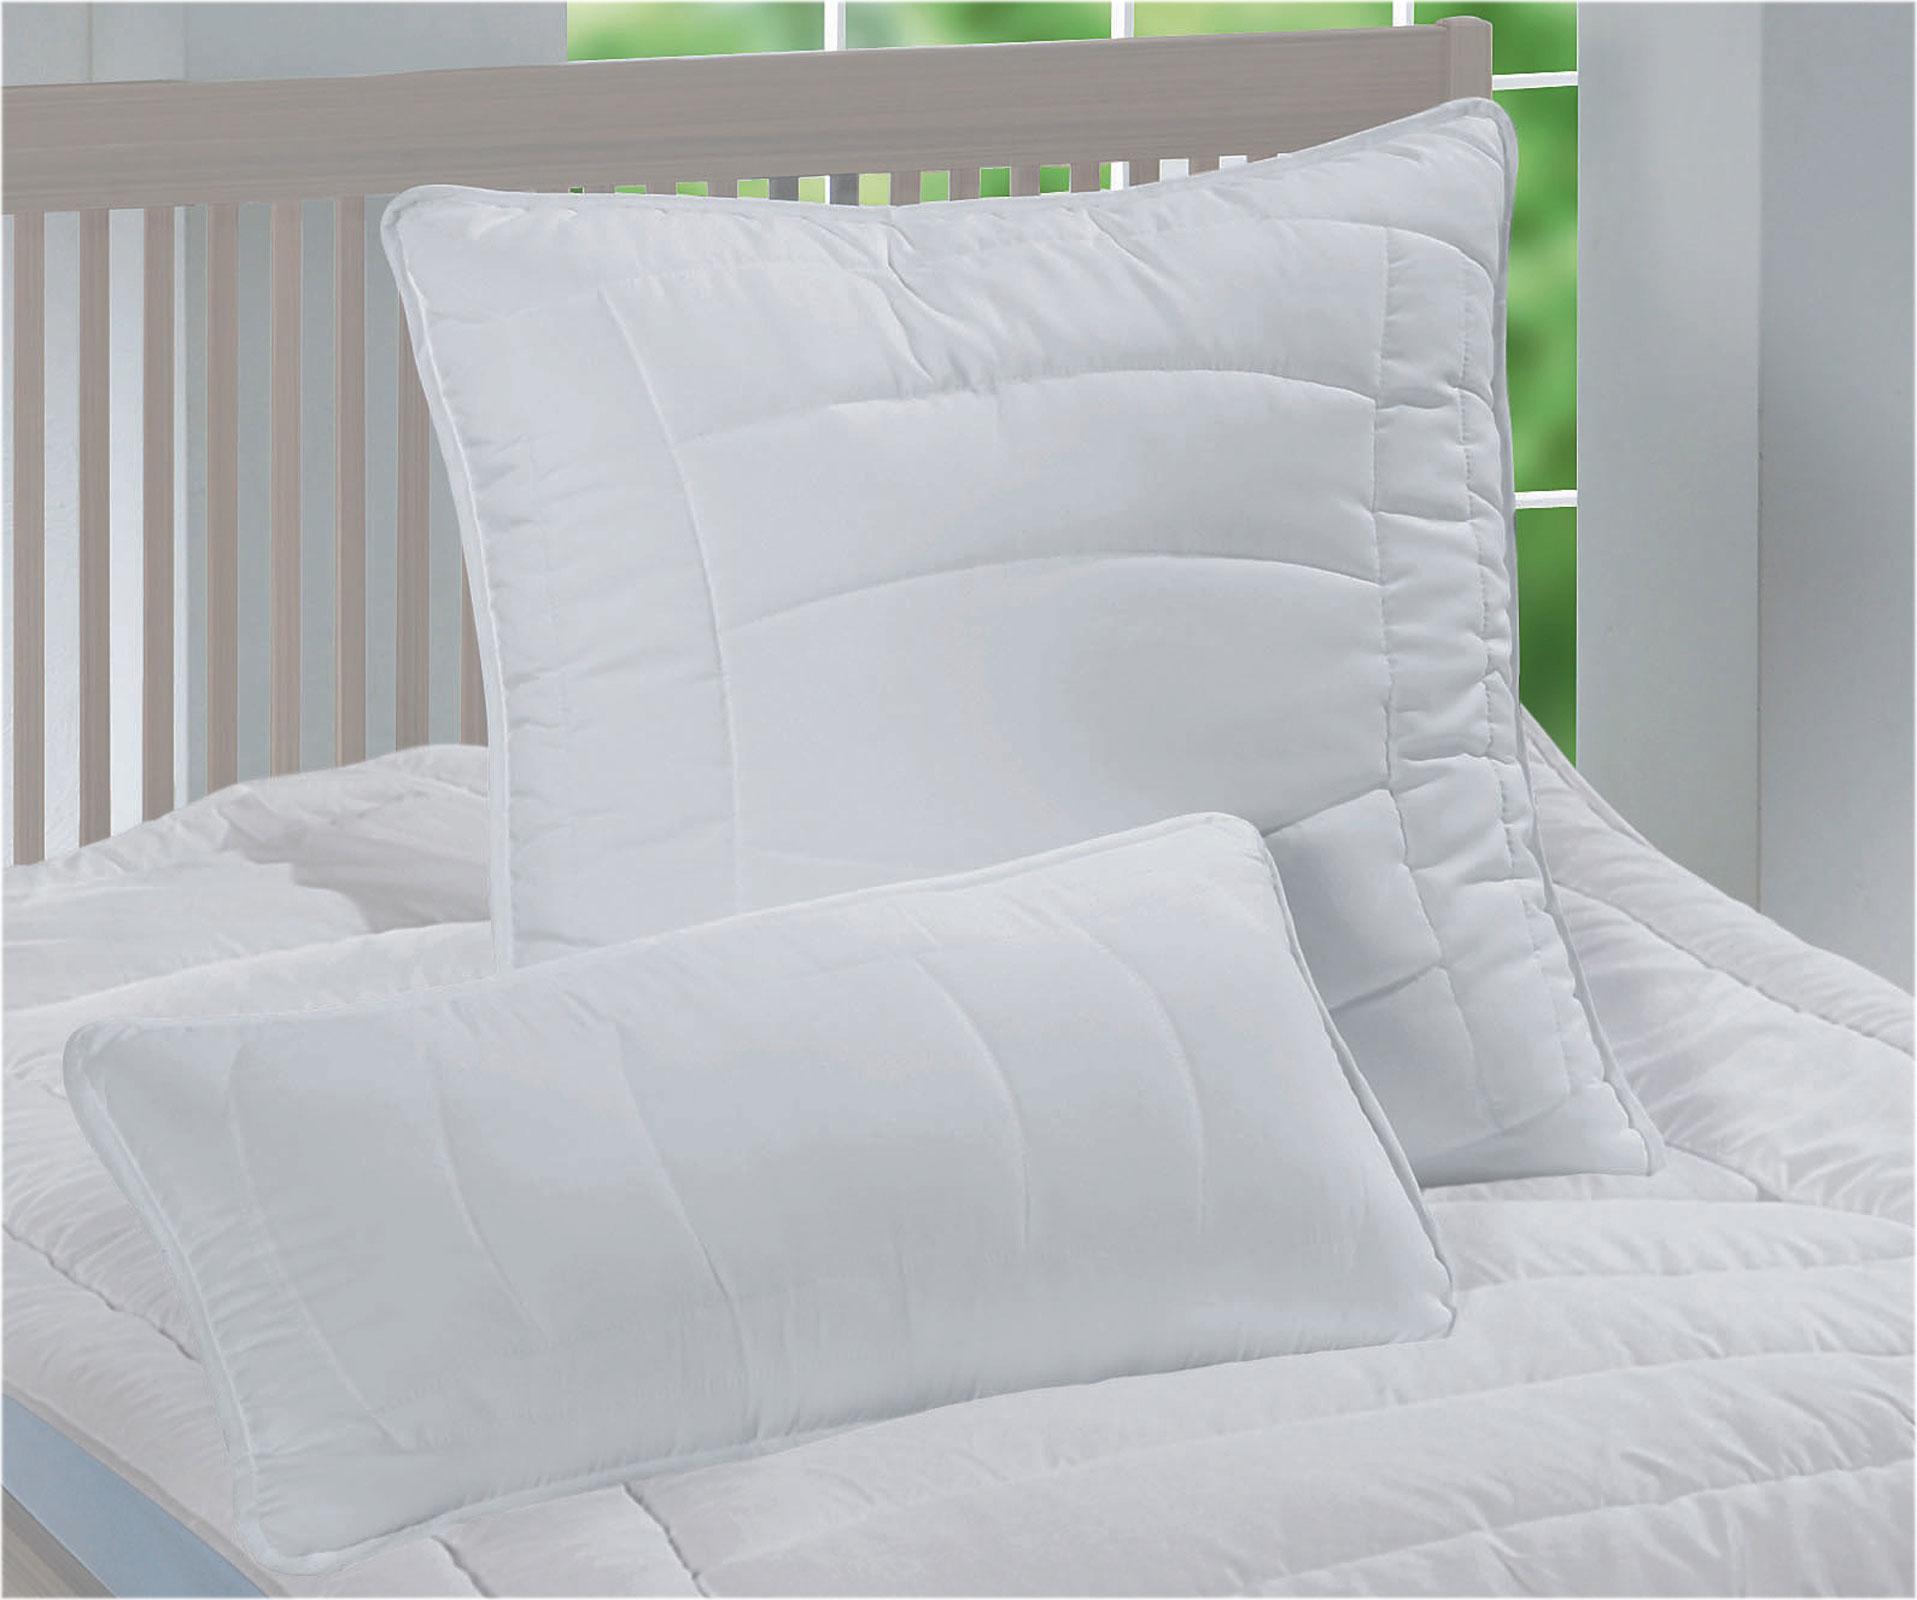 bettdecken serie opti dream 95 ganzjahresdecke 4 jahreszeiten decke kissen. Black Bedroom Furniture Sets. Home Design Ideas